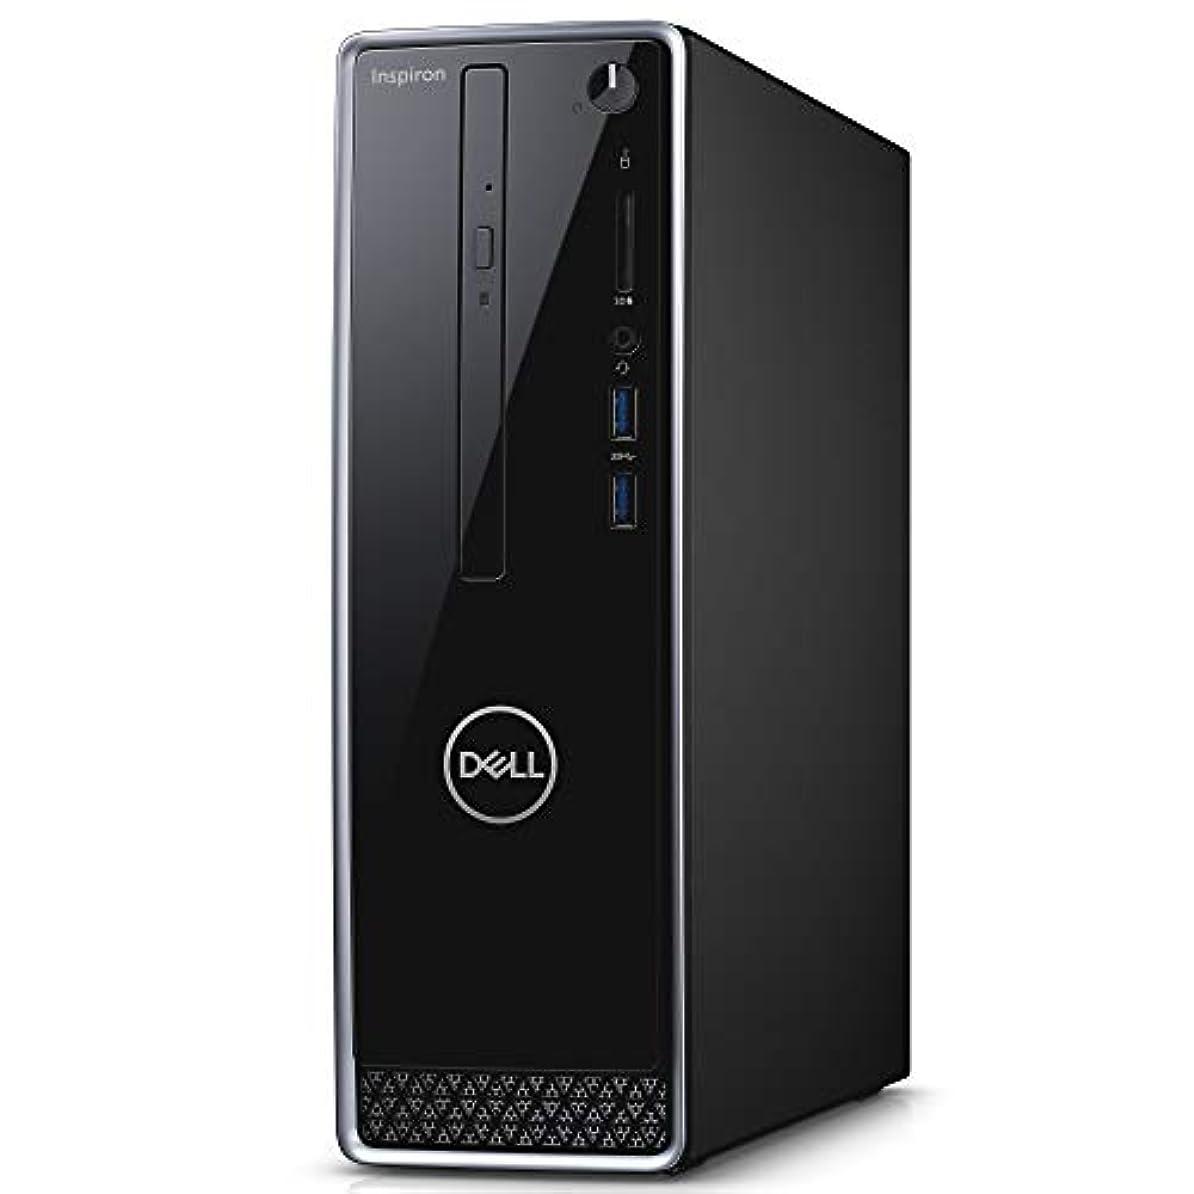 パトワインタフェースインクDell デスクトップパソコン Inspiron 3470 Core i5 ブラック 20Q23/Win10/8GB/1TB HDD